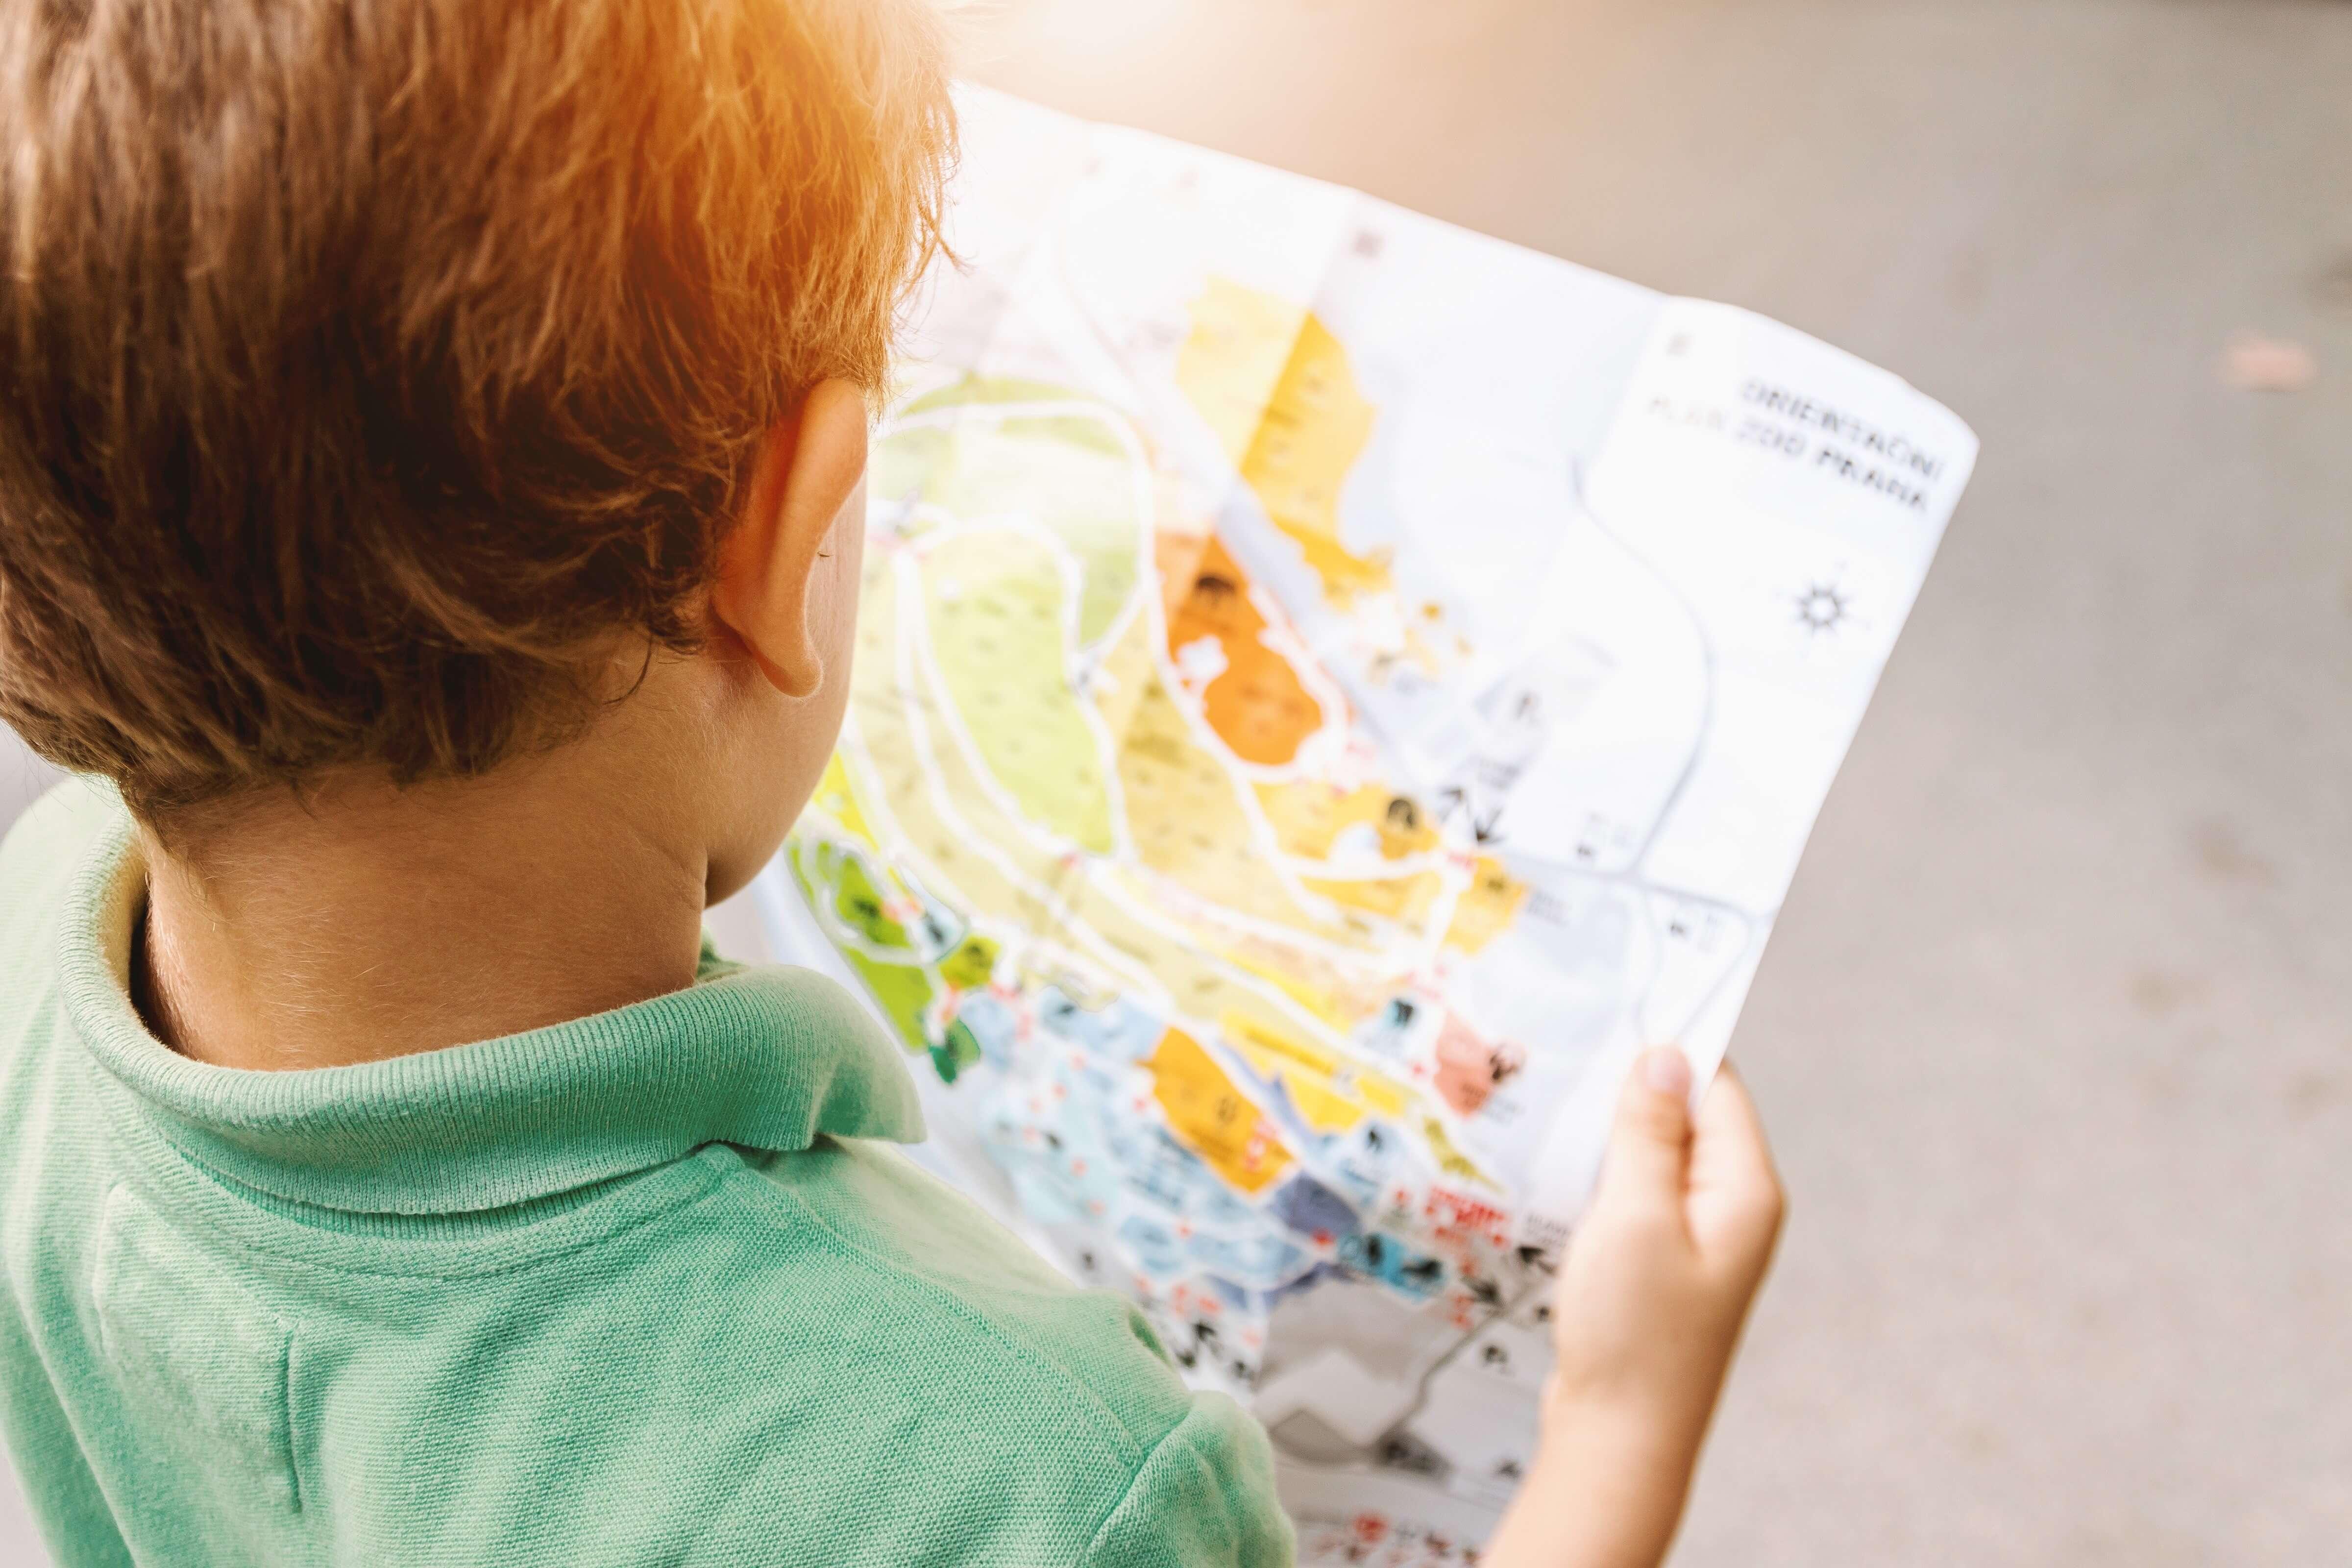 ردیاب شخصی : بهترین راهکار جلوگیری از گم شدن کودکان